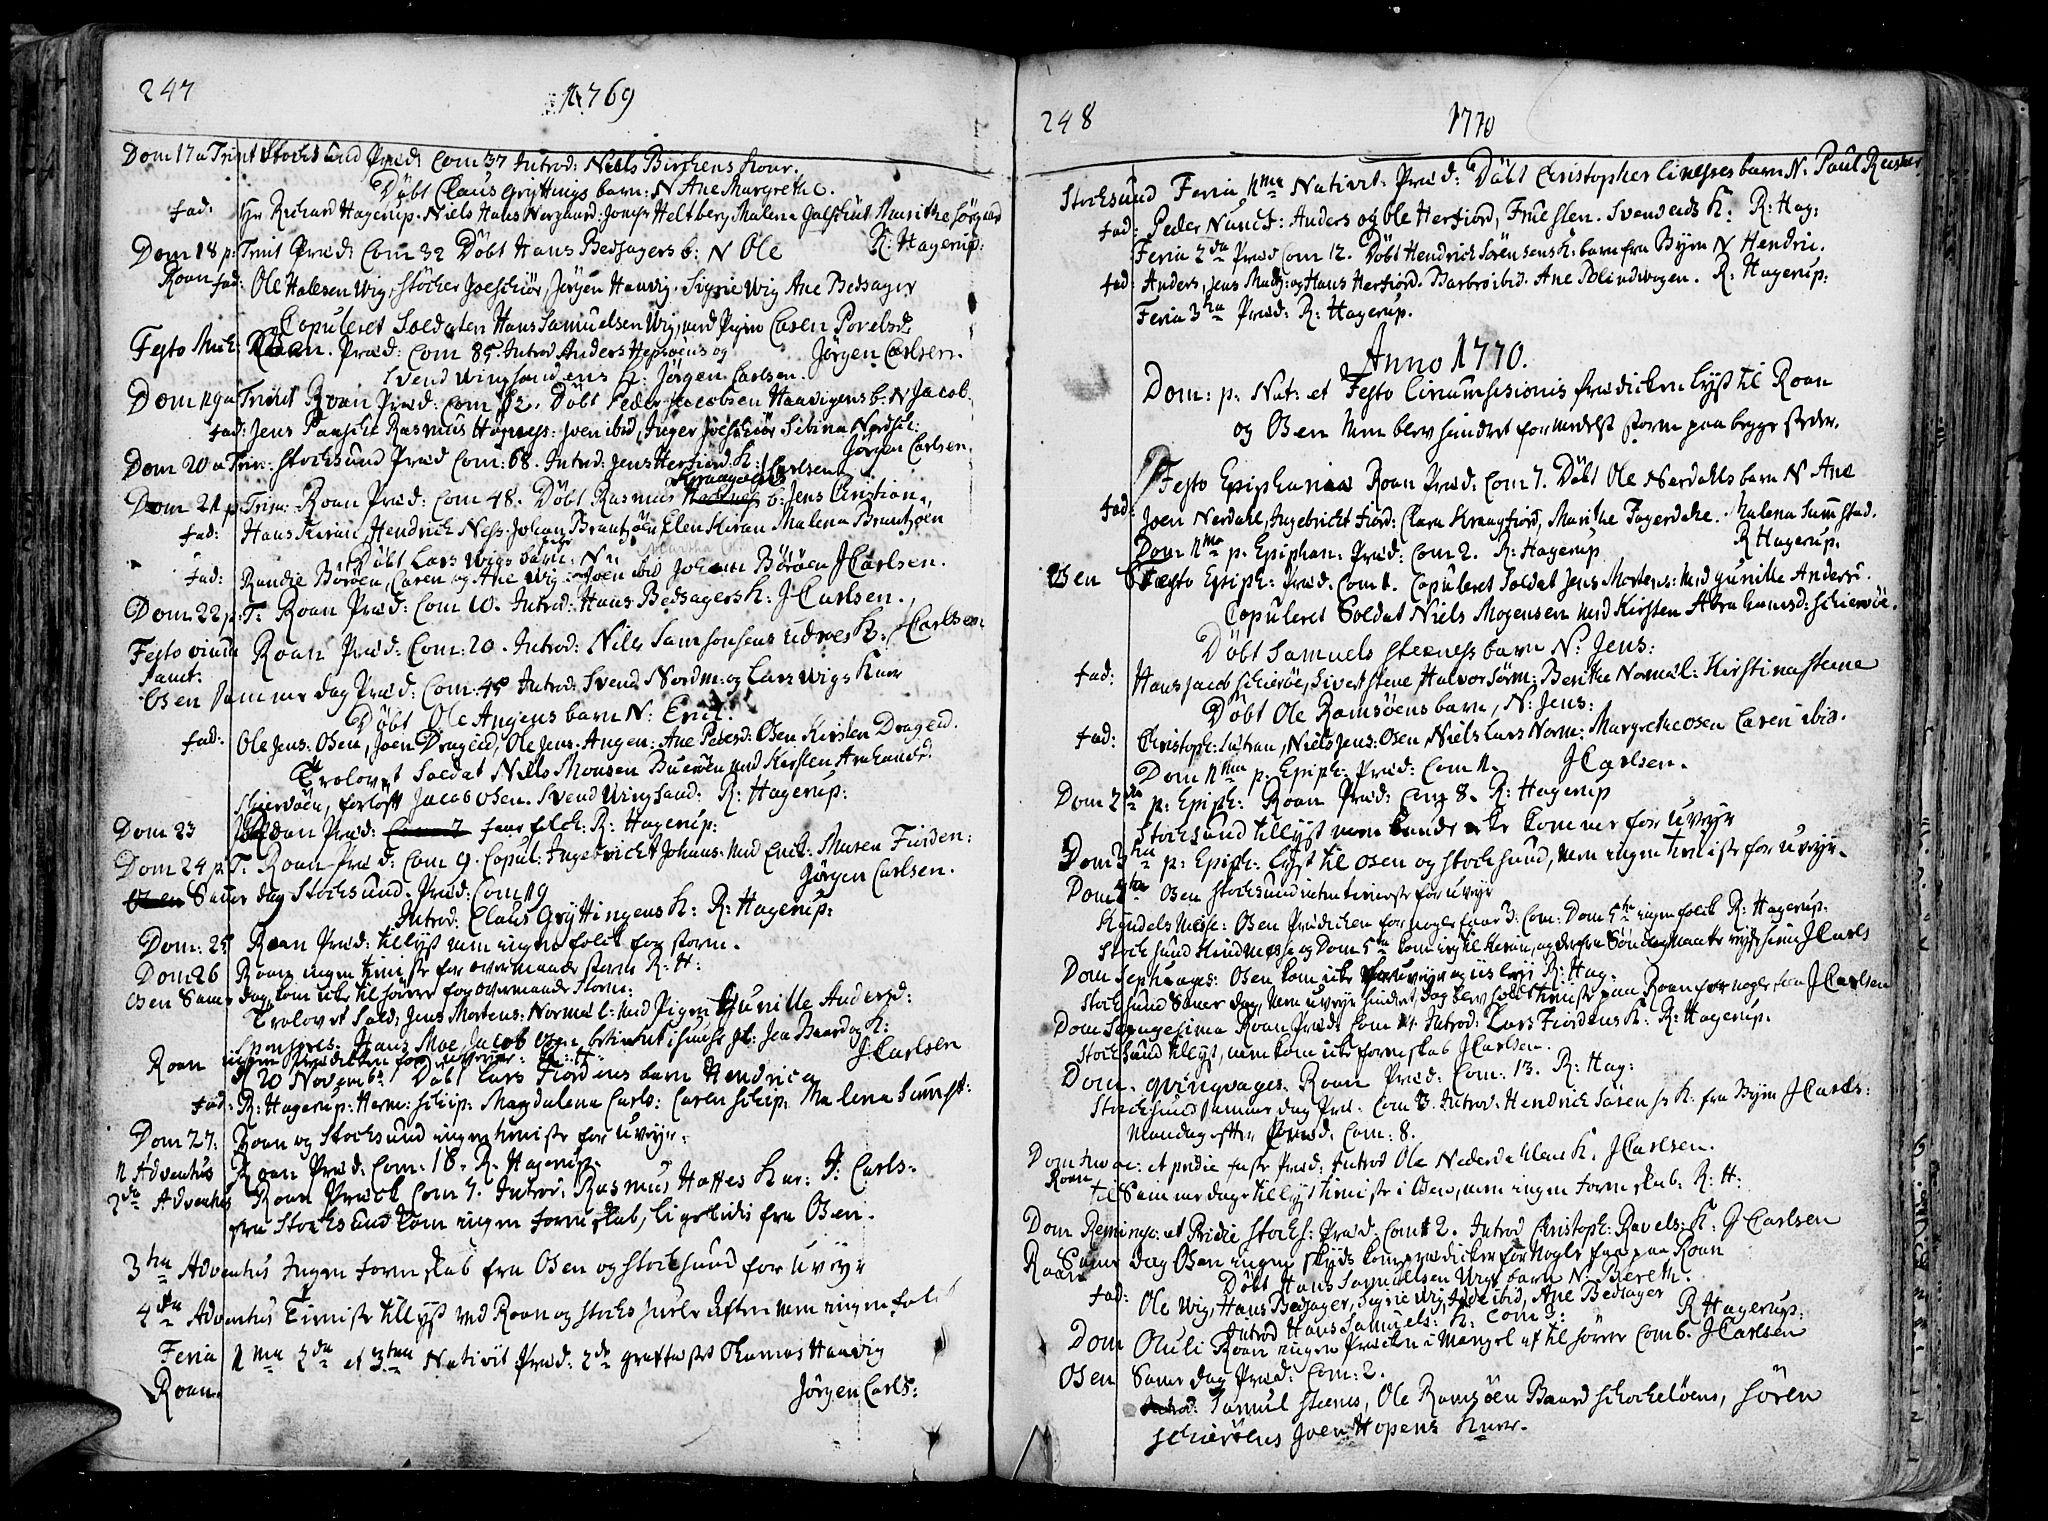 SAT, Ministerialprotokoller, klokkerbøker og fødselsregistre - Sør-Trøndelag, 657/L0700: Ministerialbok nr. 657A01, 1732-1801, s. 247-248